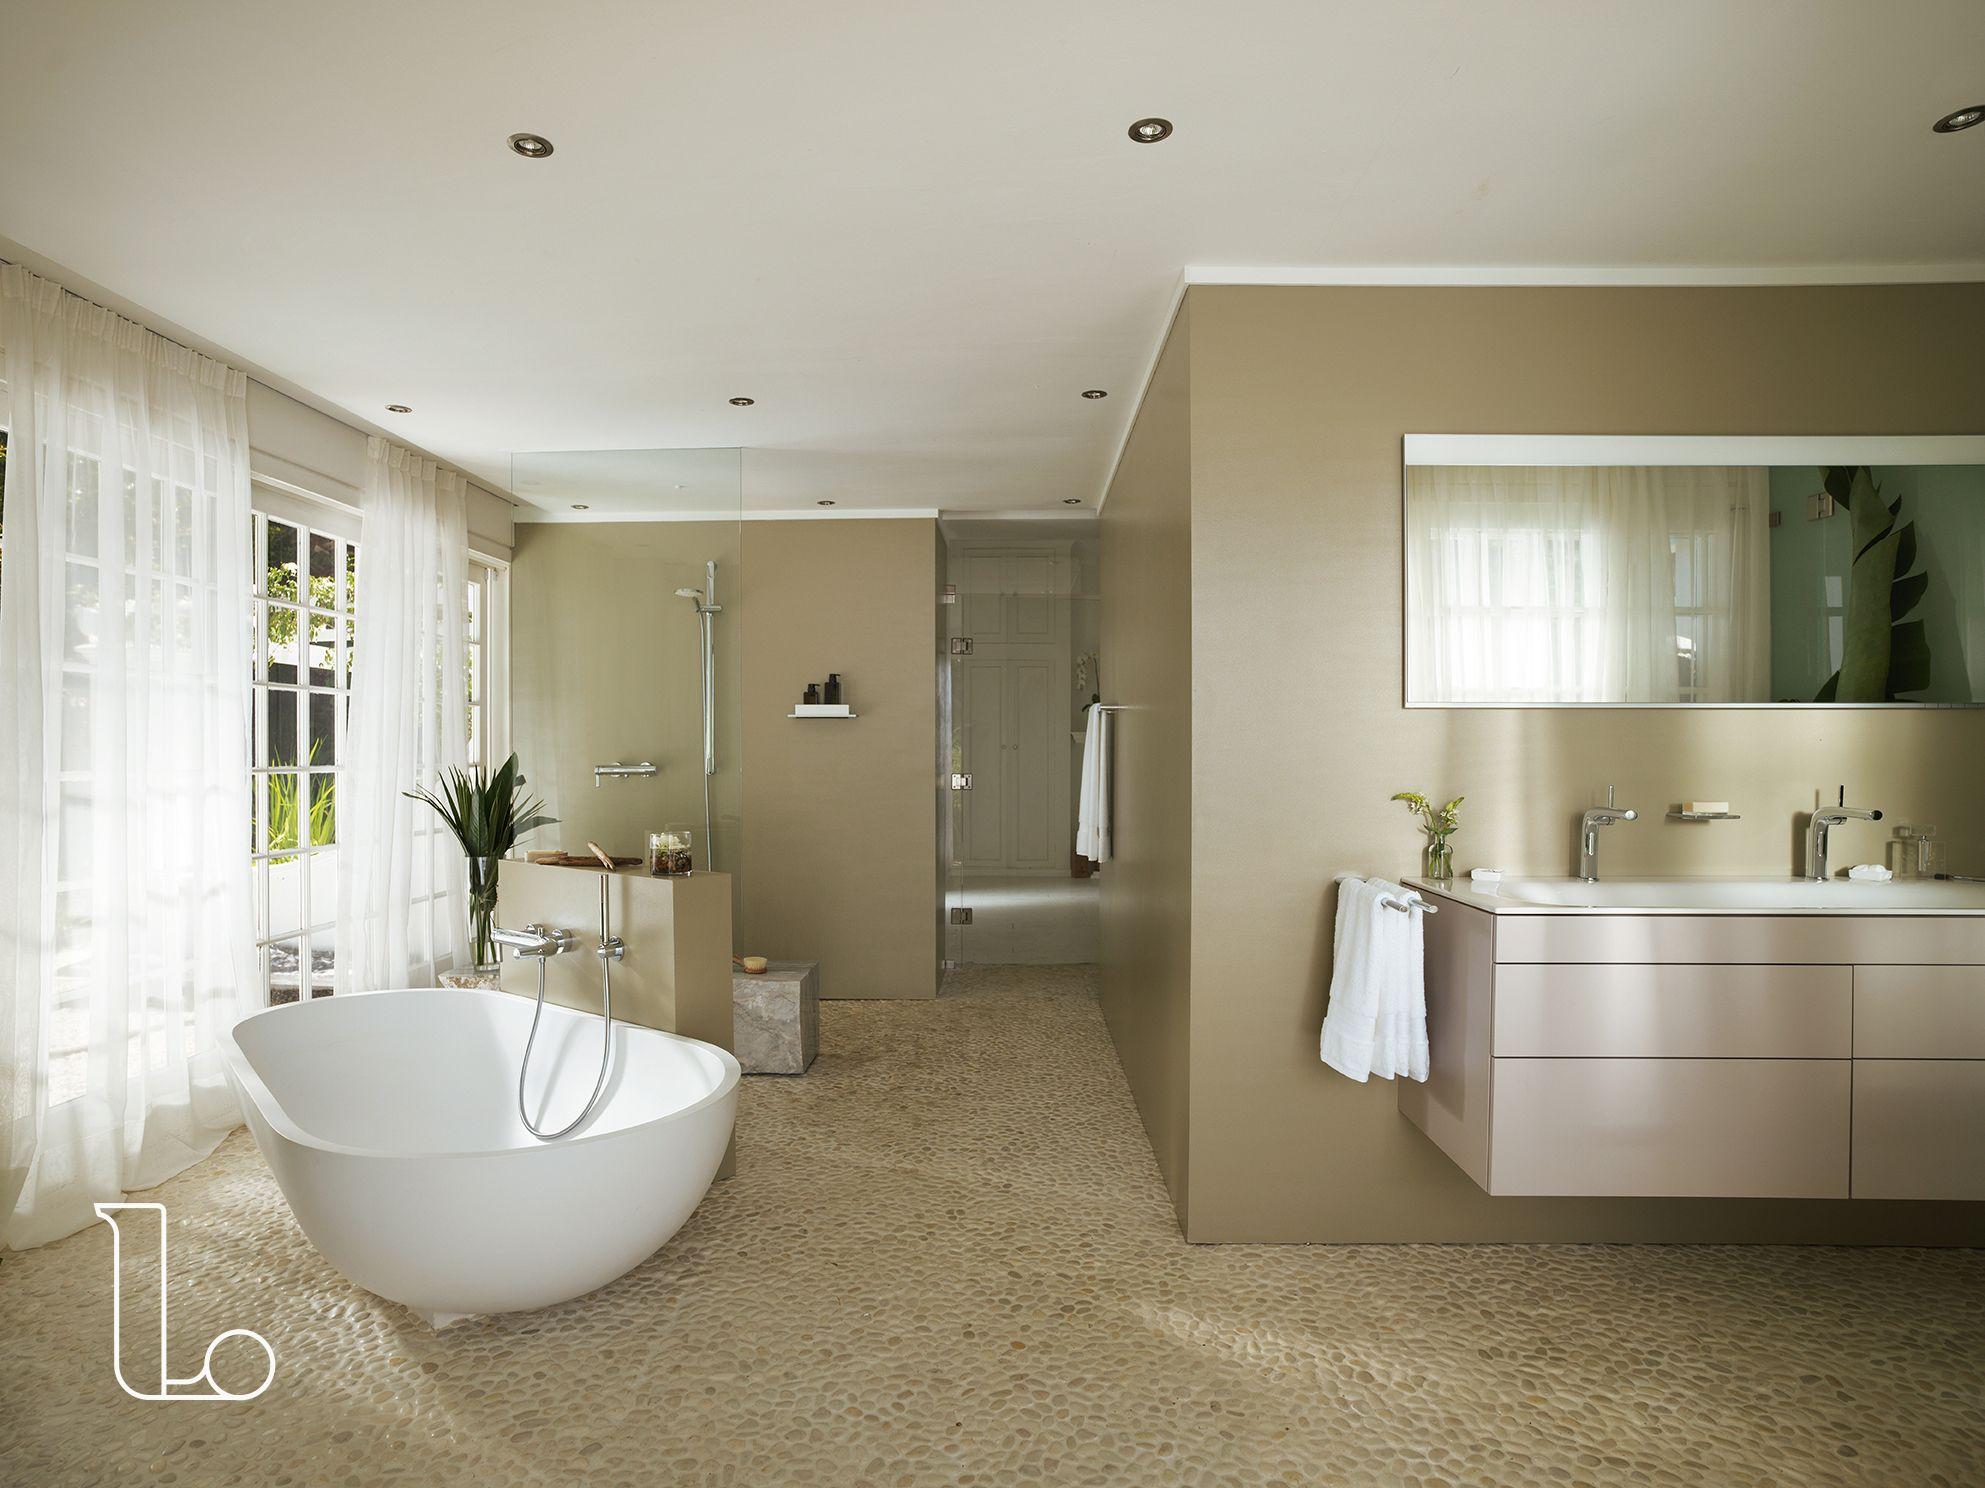 Inloopdouche Met Badkamer : Badkamerinspiratie deze ruimtelijke badkamer met rustige